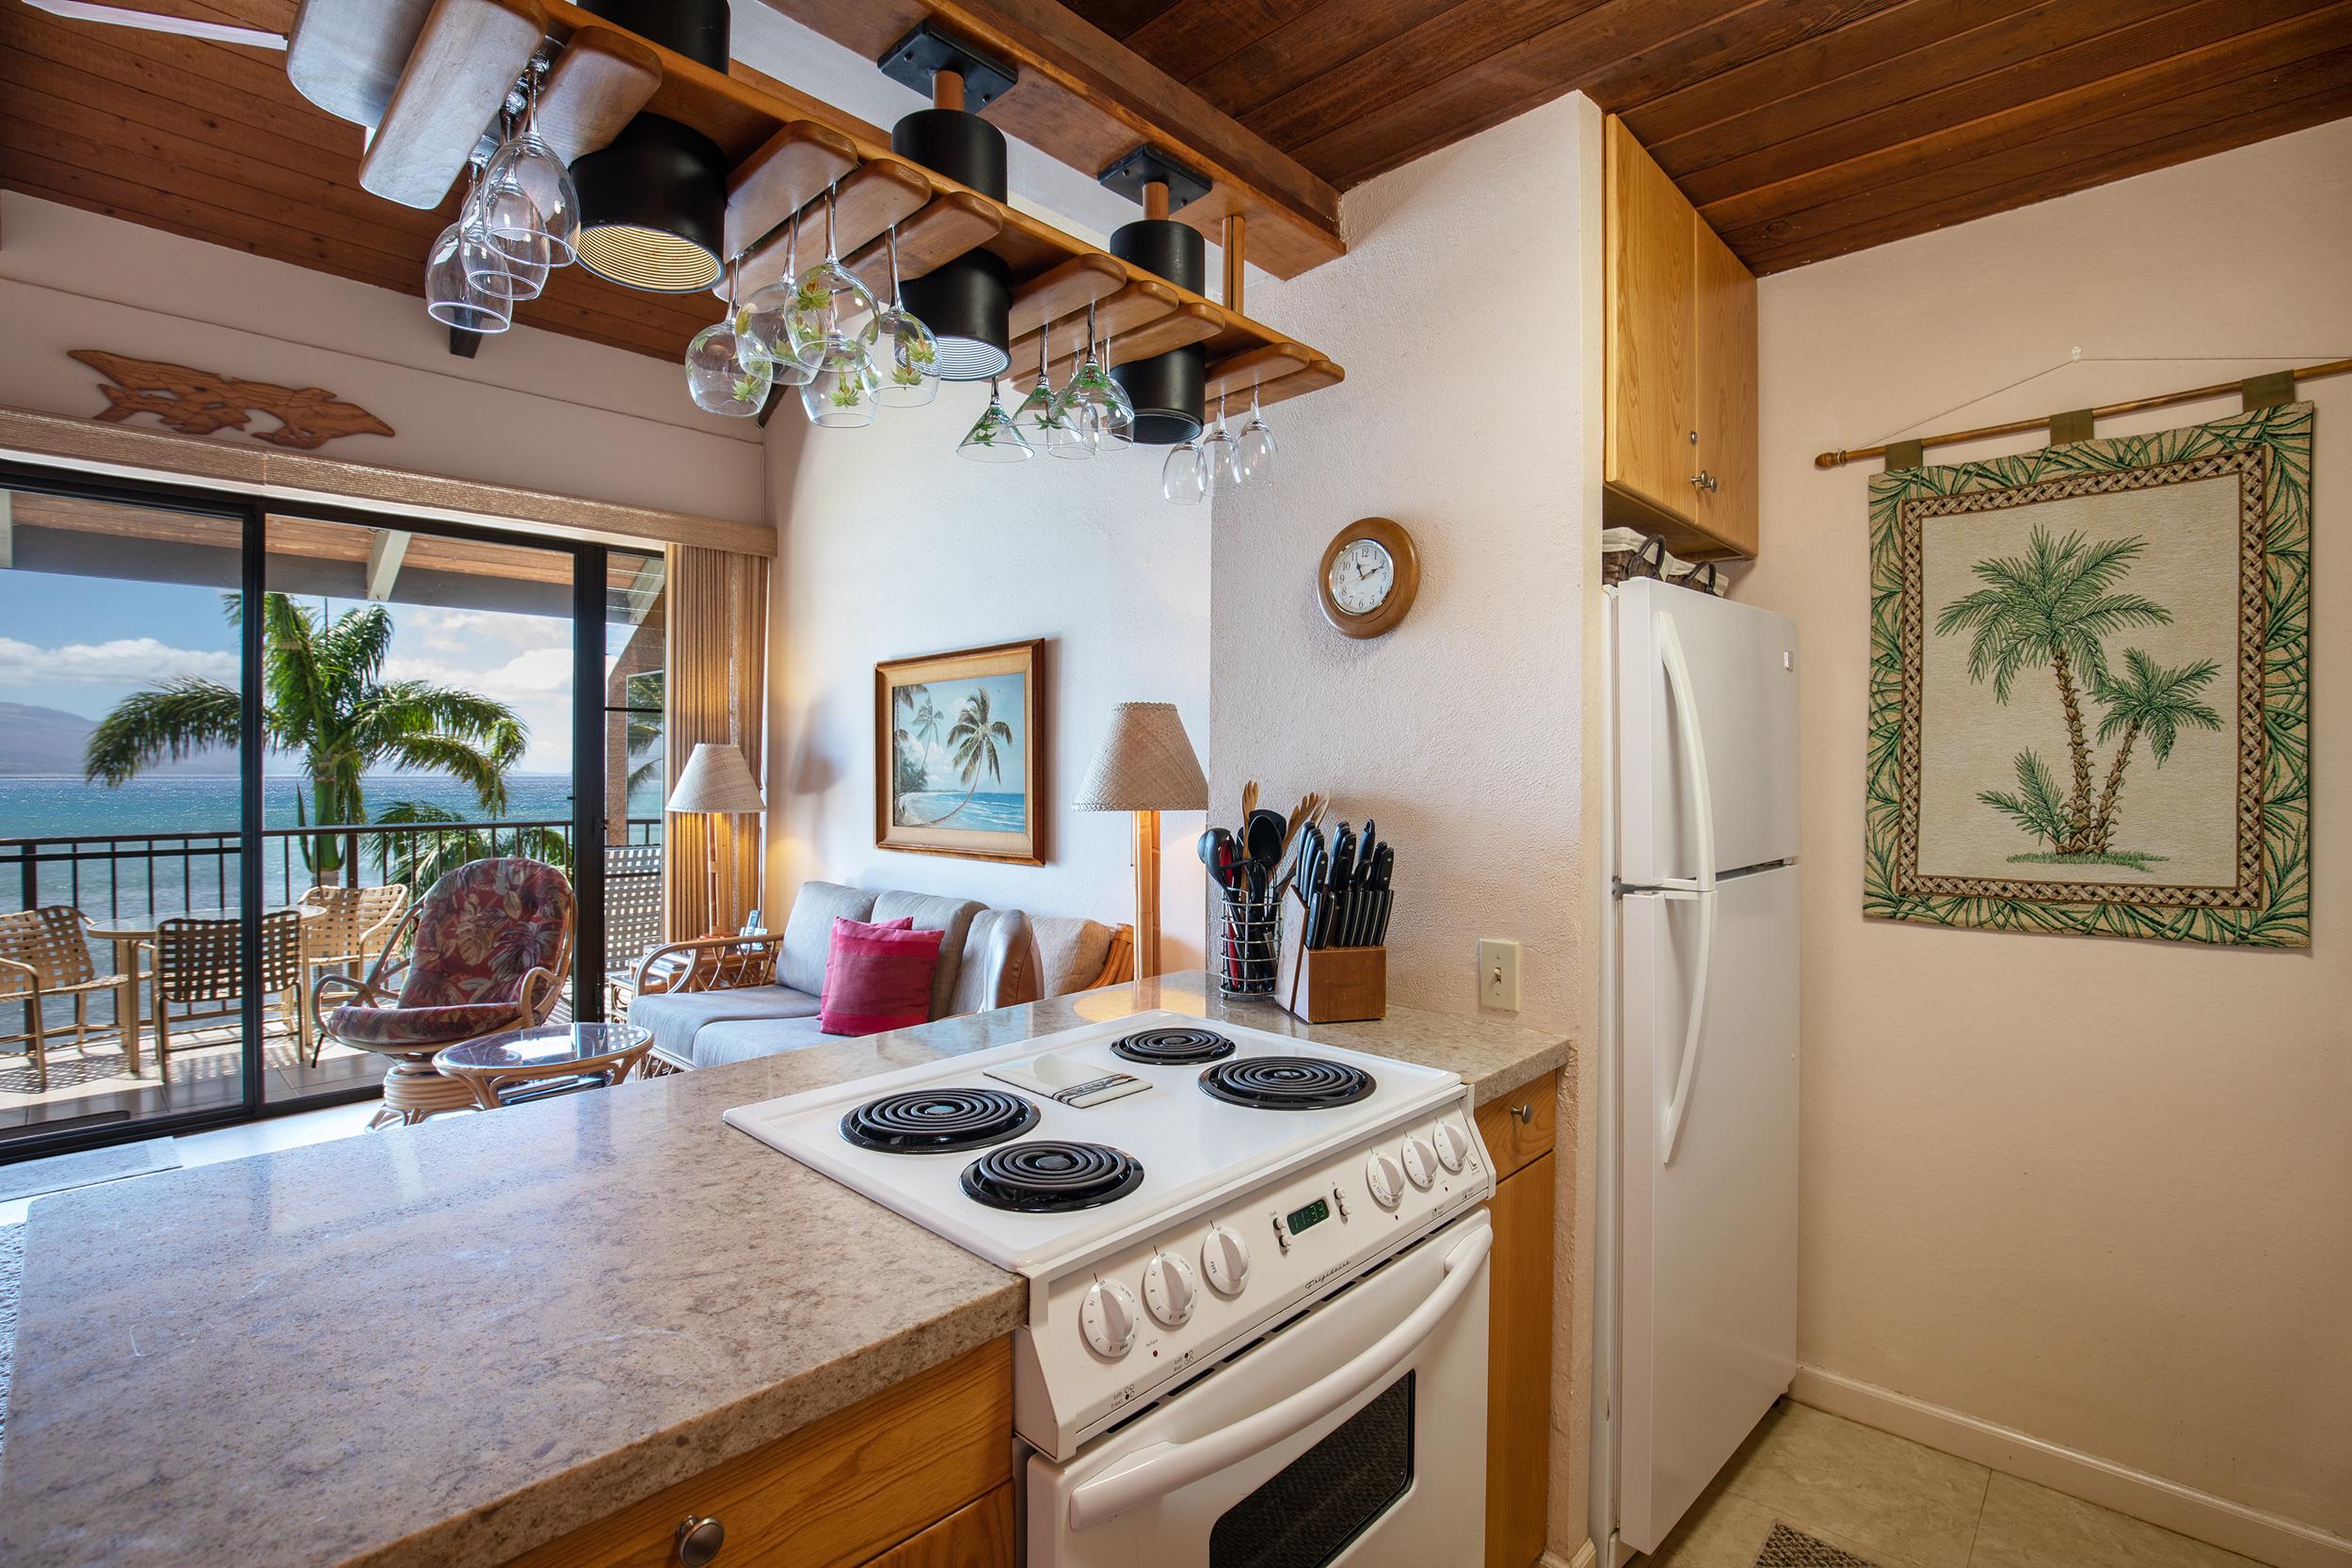 maalaea-banyans-418-harbor-condo-rental-maui-8-kitchen.jpg